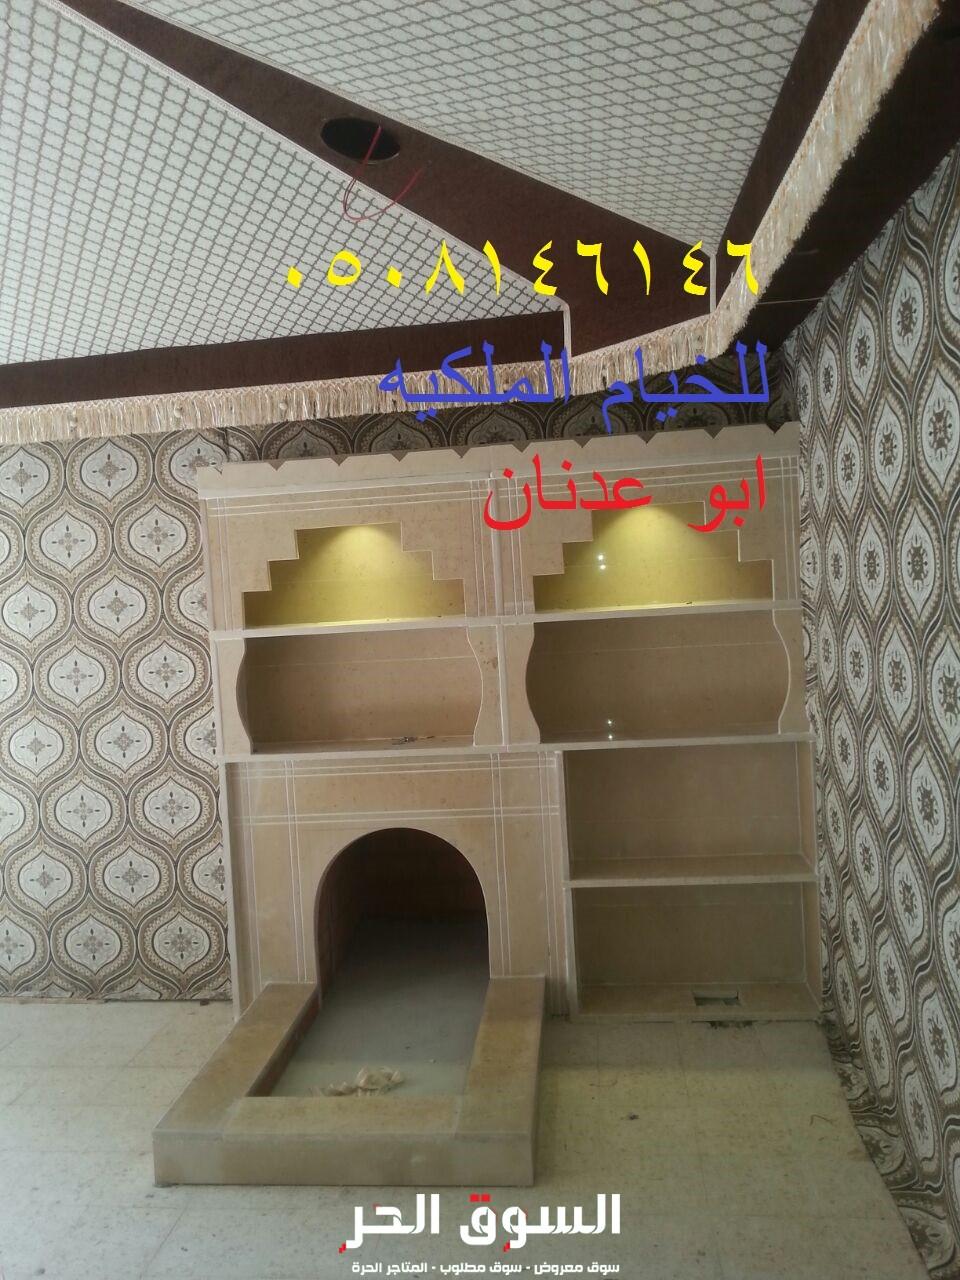 أجمل صور لتصاميم خيام ملكية  تصميم خيام بيوت شعر ملكيه خيام